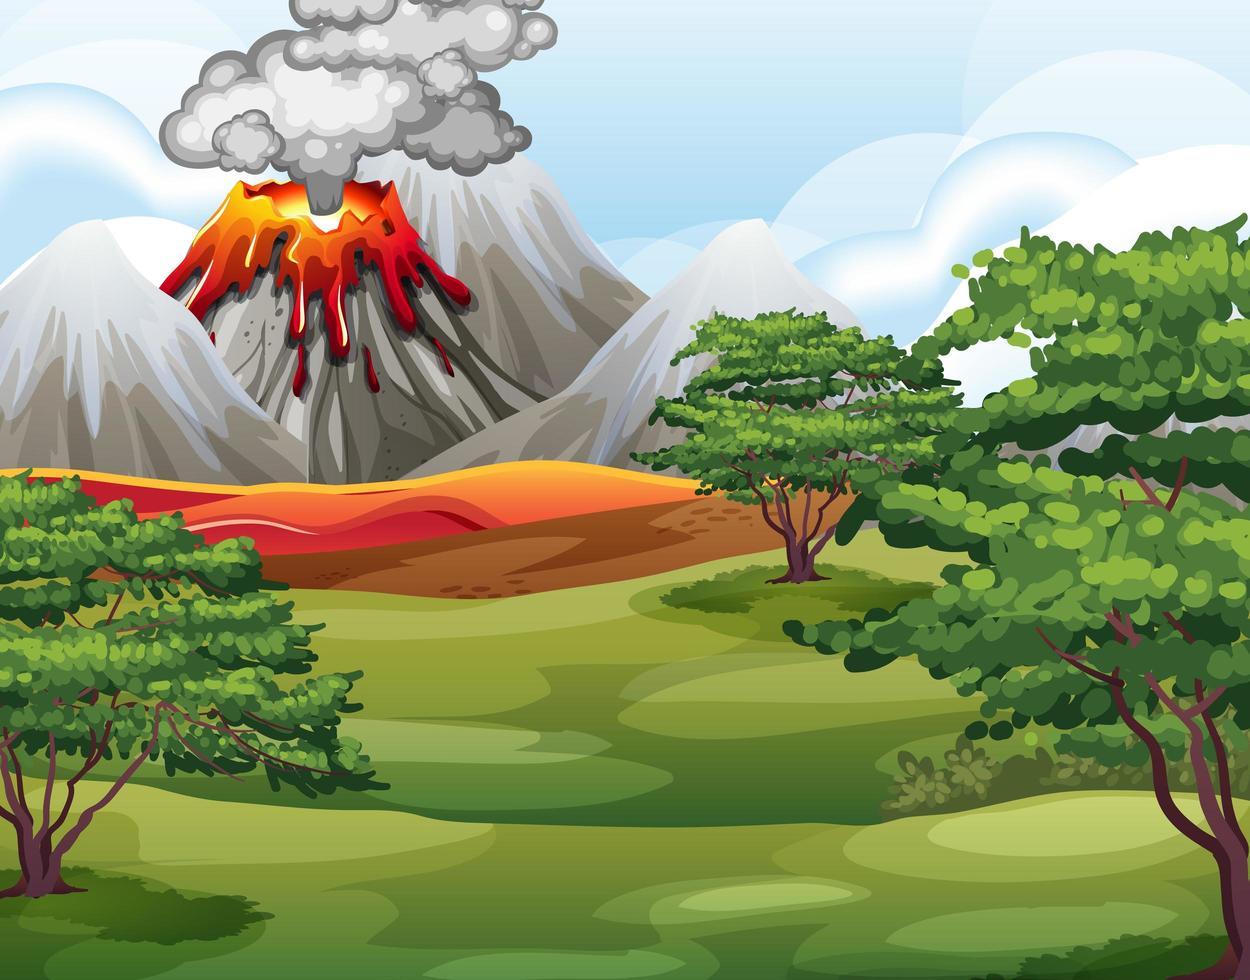 erupção de vulcão em cena de floresta natural durante o dia vetor